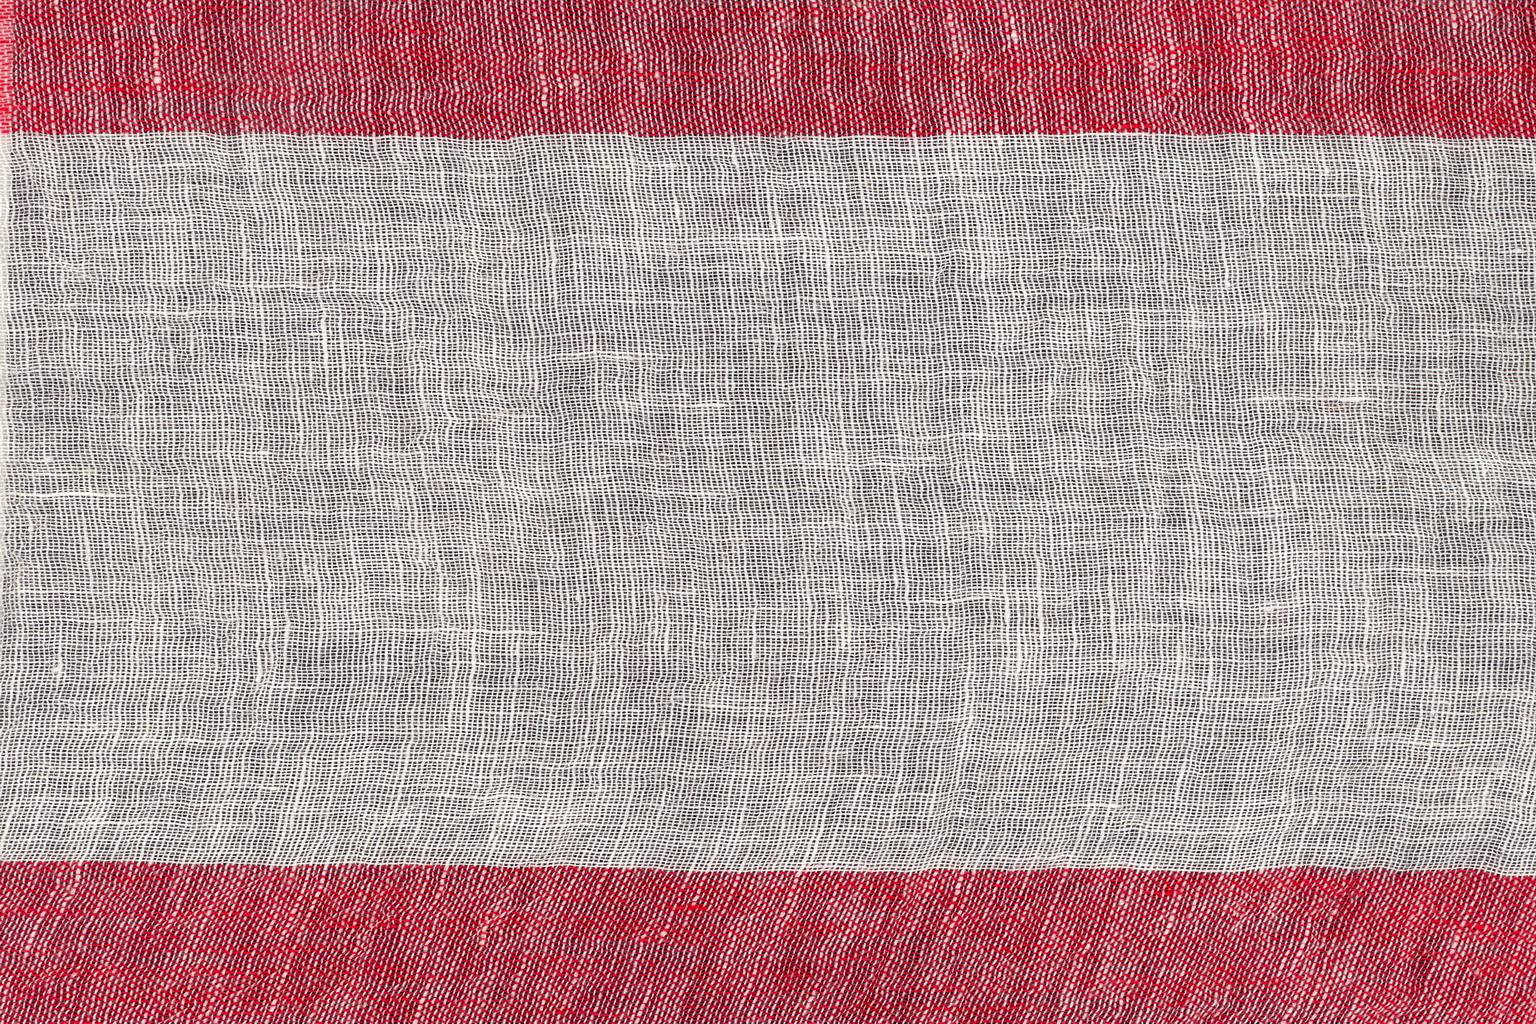 SGARZOLINO BARRE' MACHE' White-red 15 cm stripe